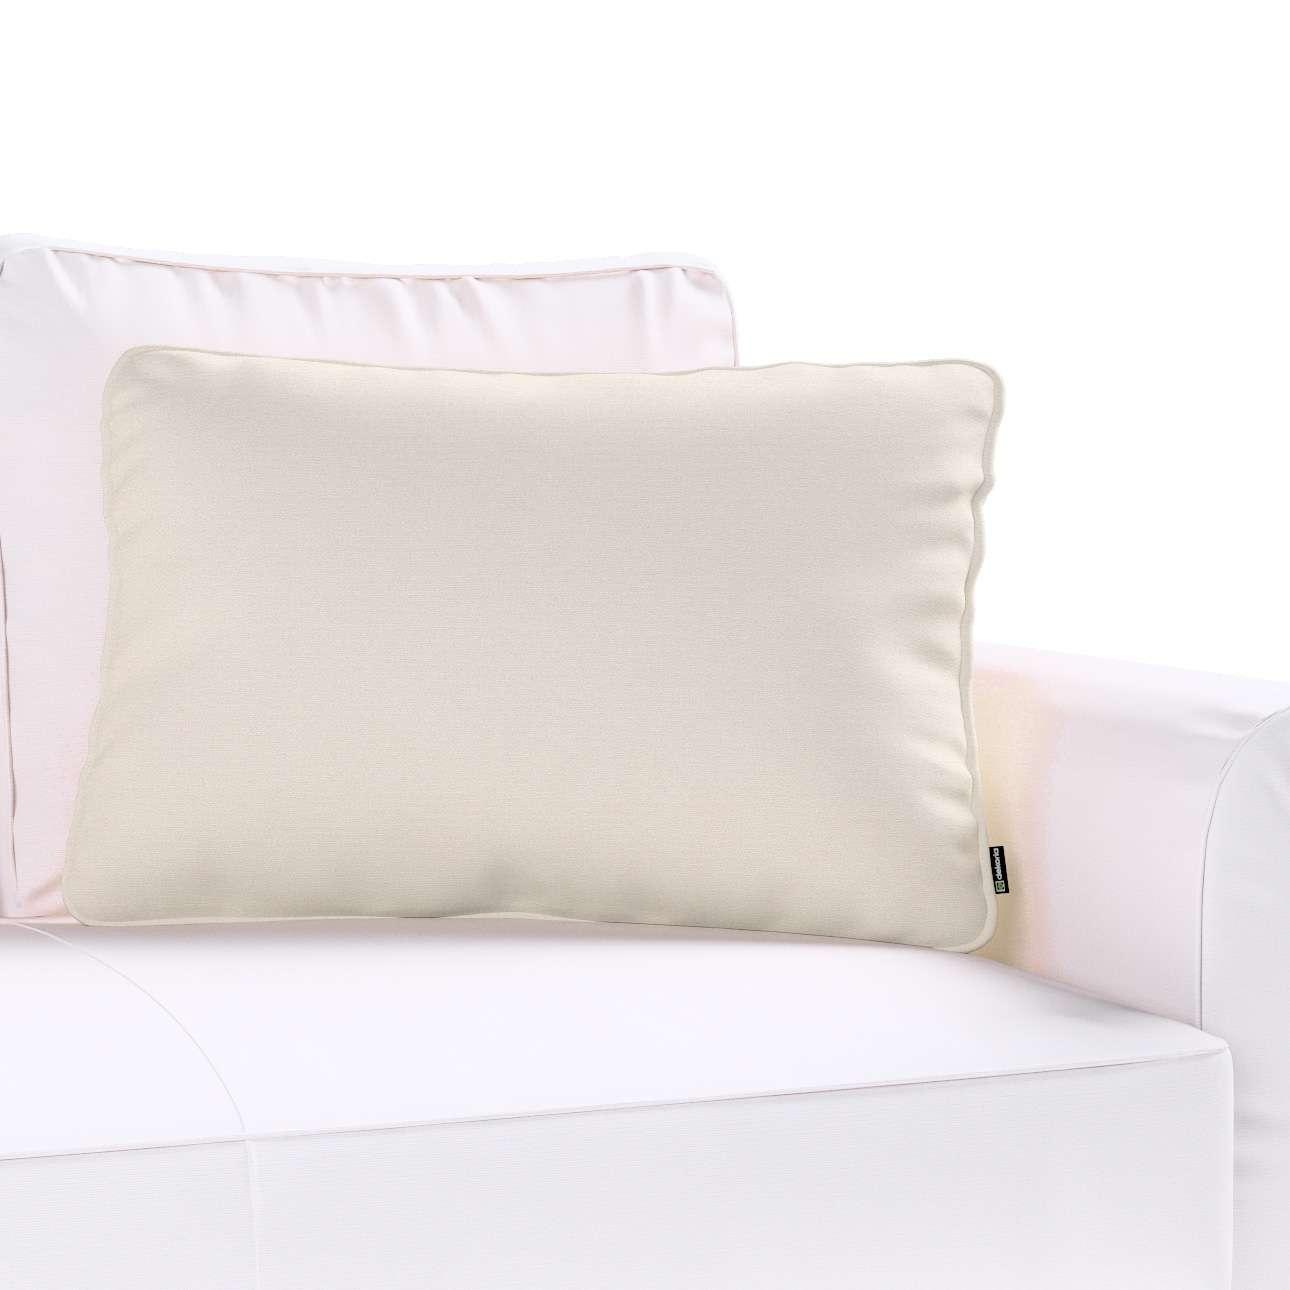 Poszewka Gabi na poduszkę prostokątna w kolekcji Cotton Panama, tkanina: 702-31